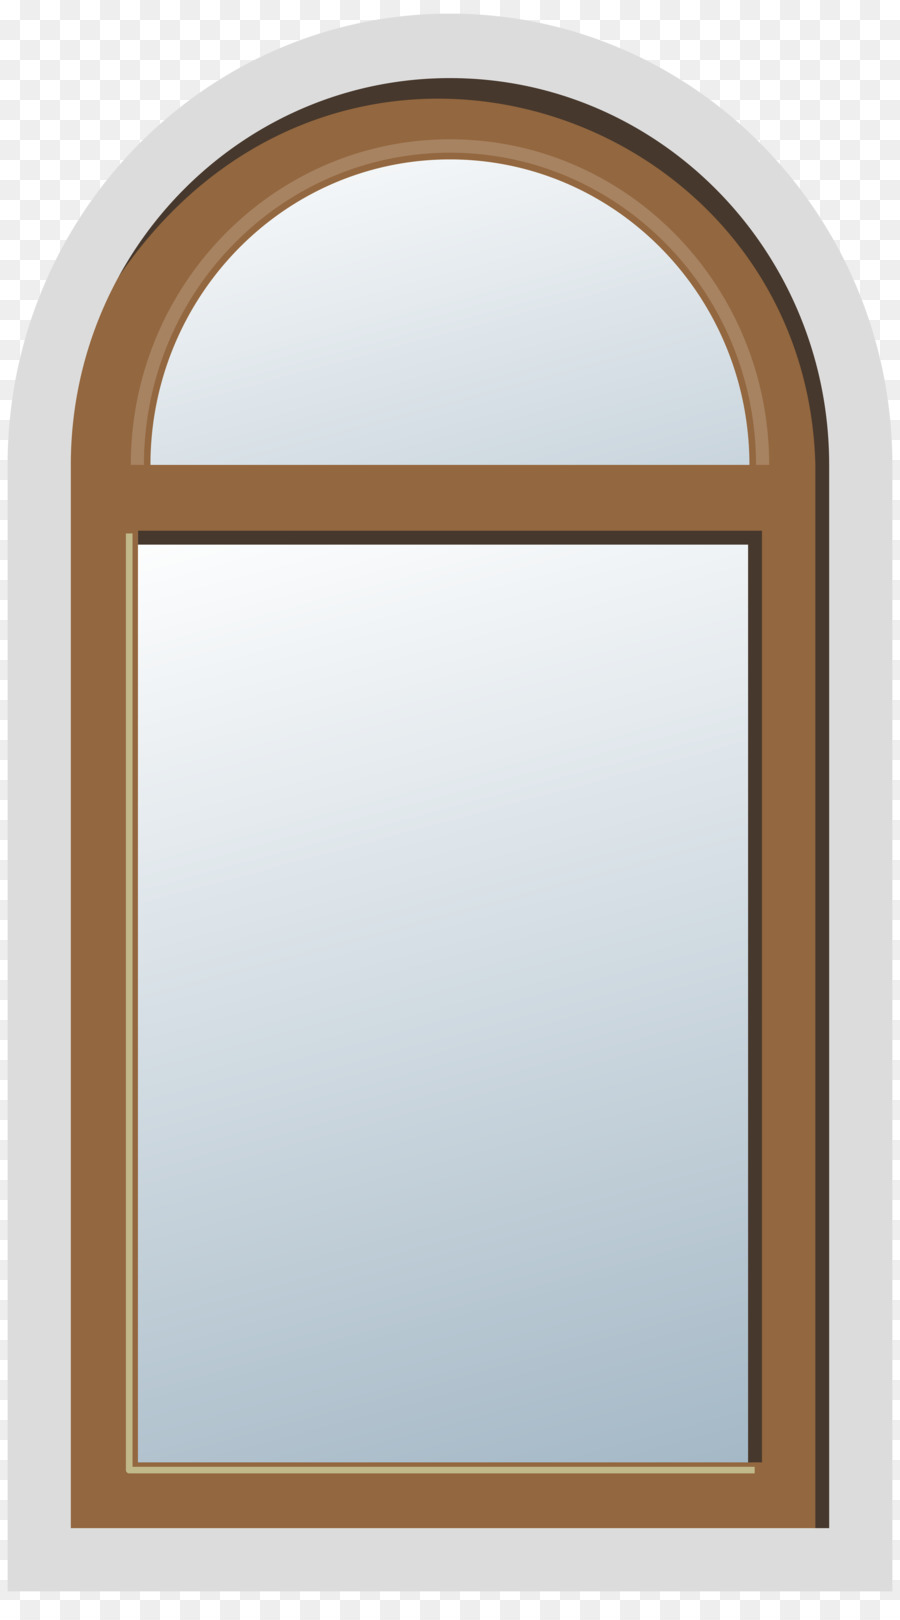 Window Door Picture Frames Arch Clip art - window png download ...